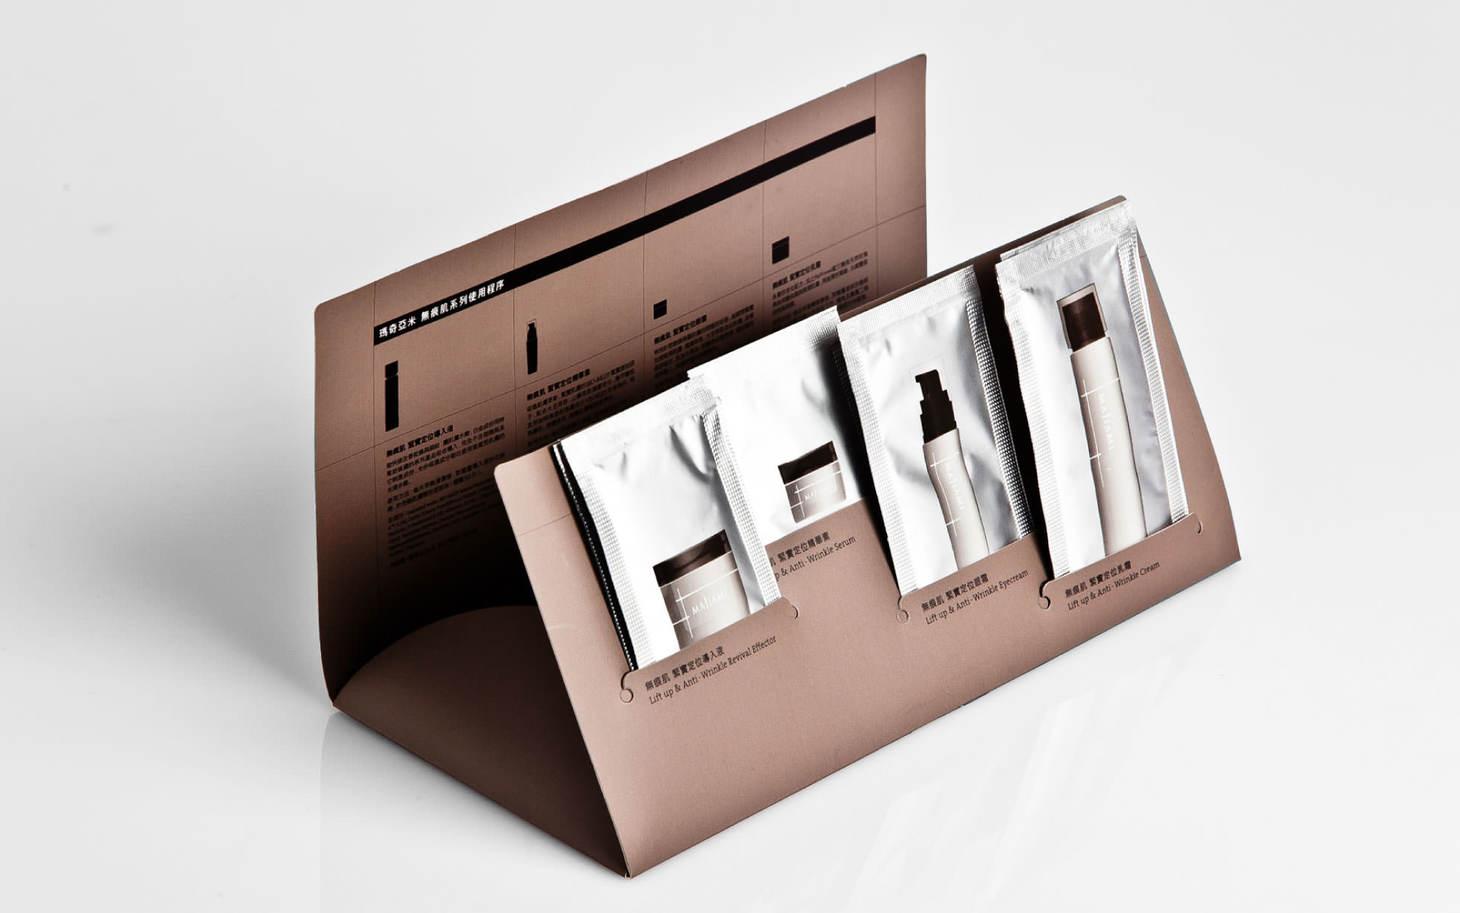 YFY_無痕肌_packaging_20150226_4.jpg